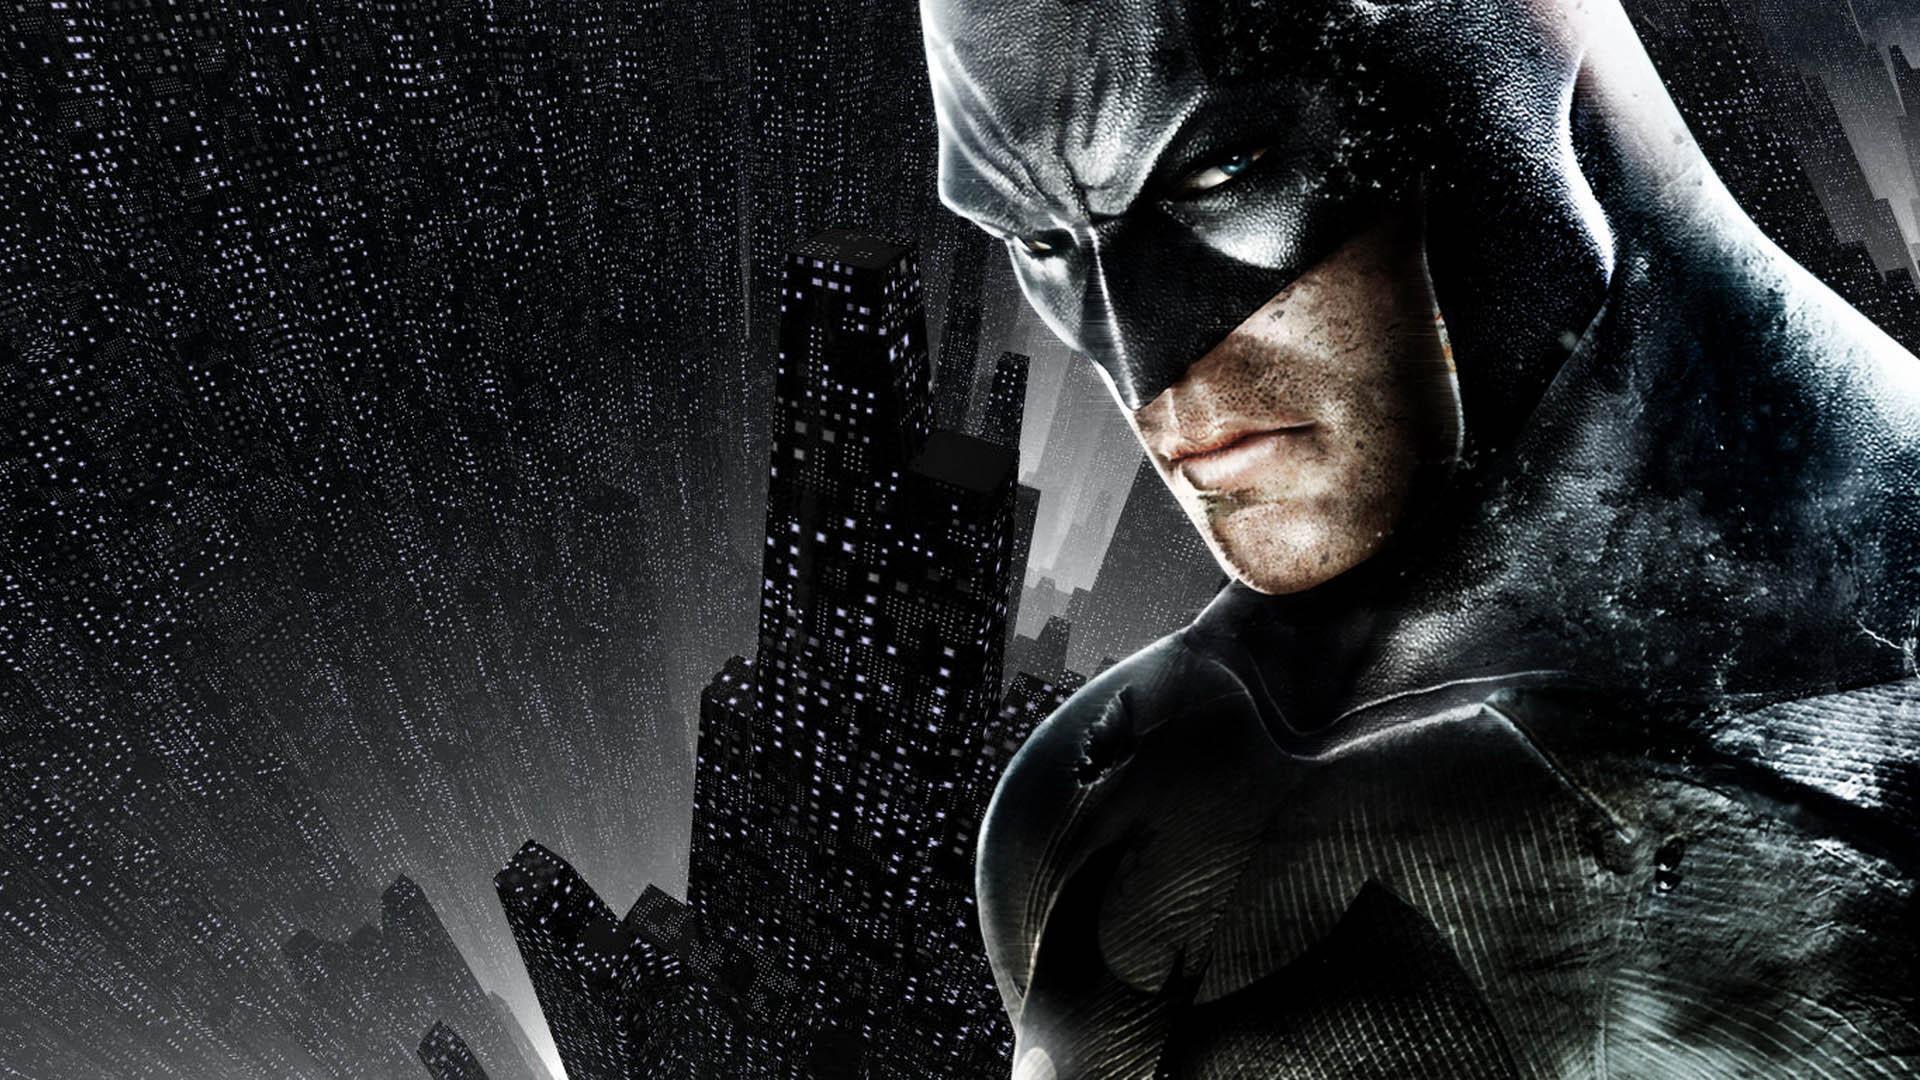 36  <b>Batman Hd Wallpaper</b>, <b>Batman HD</b> FHDQ <b>Pics</b>, Free Download Pack V ...